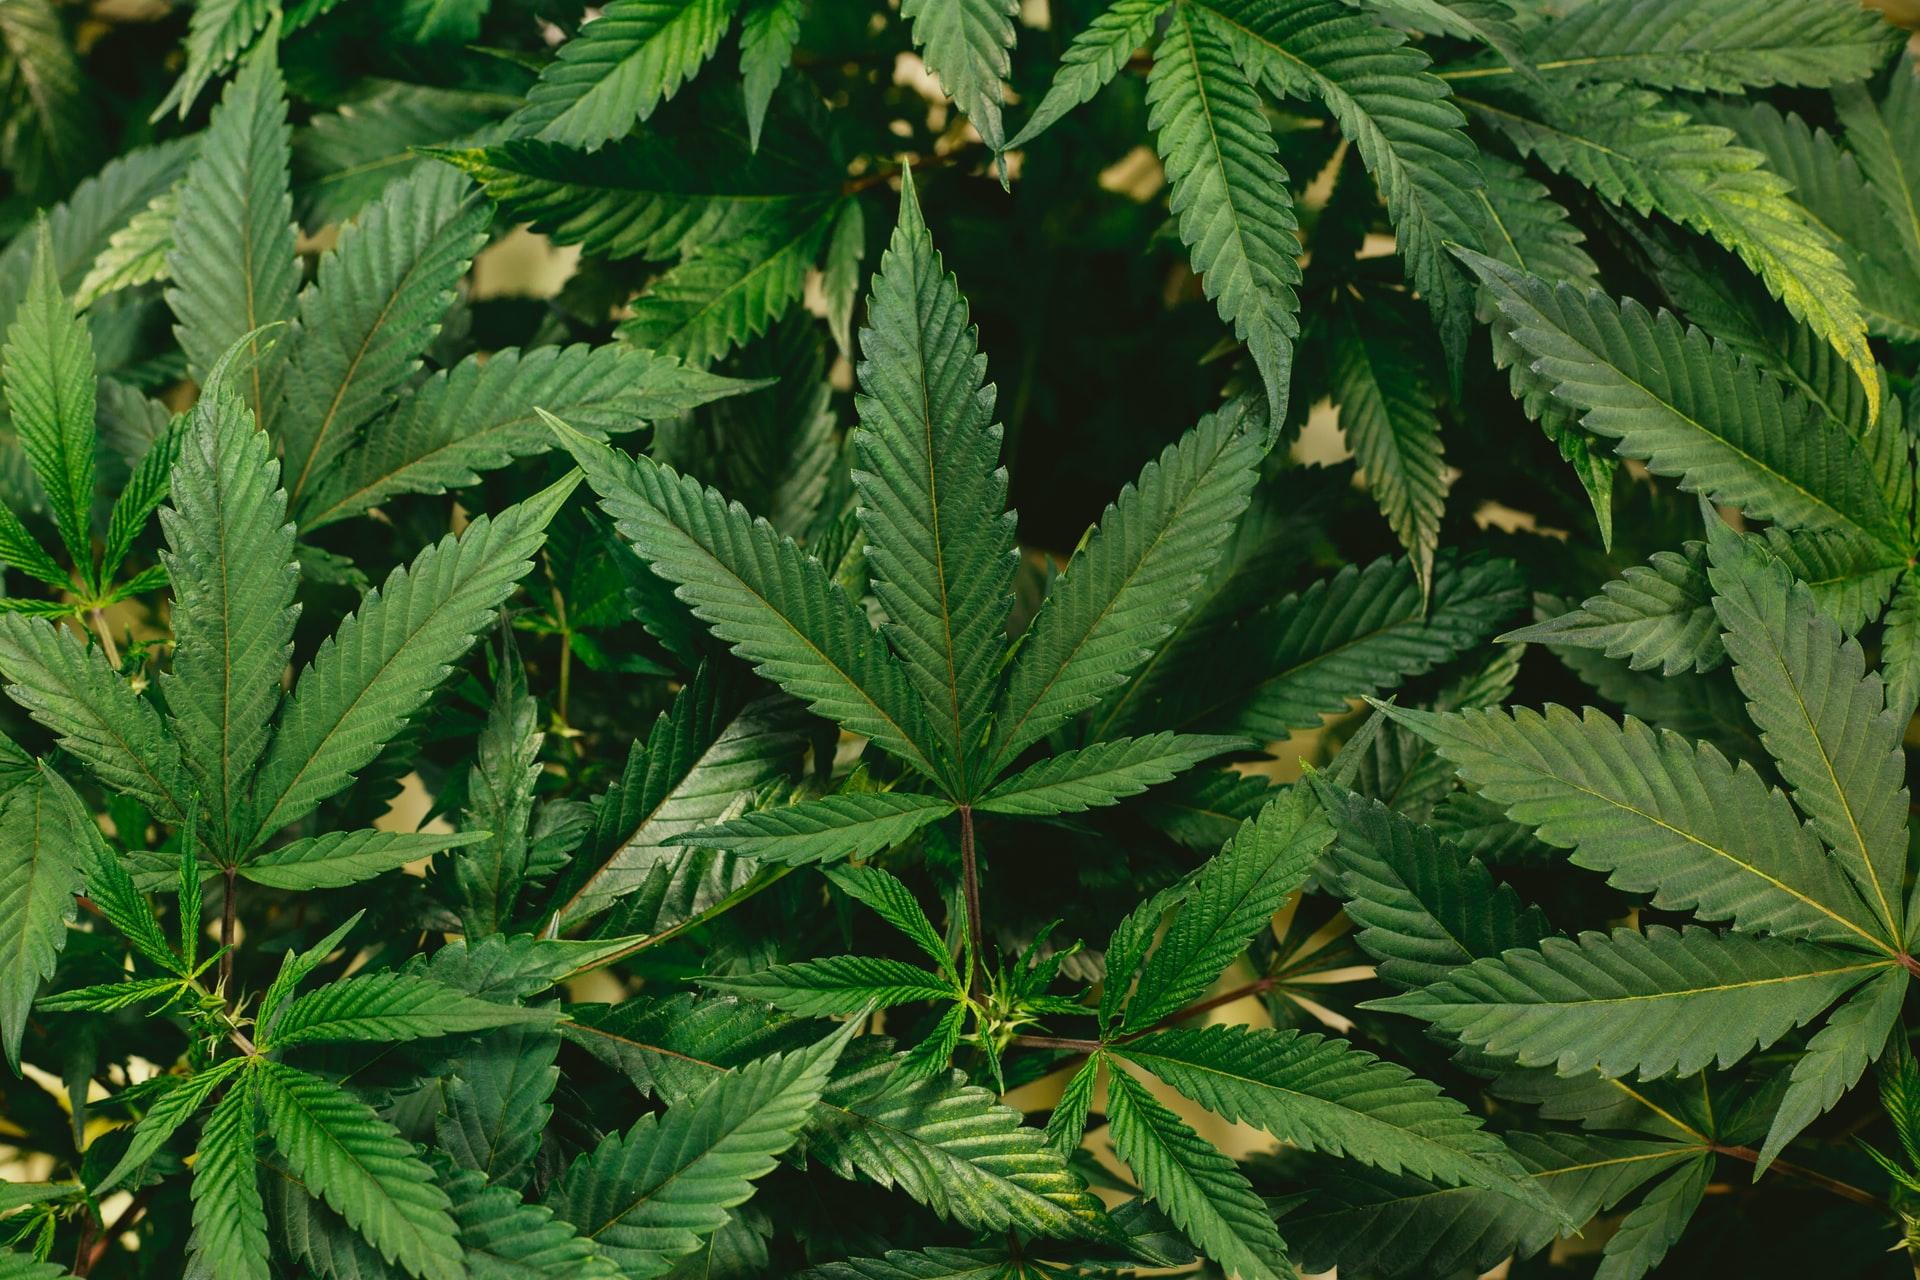 hemp leaves growing outdoors